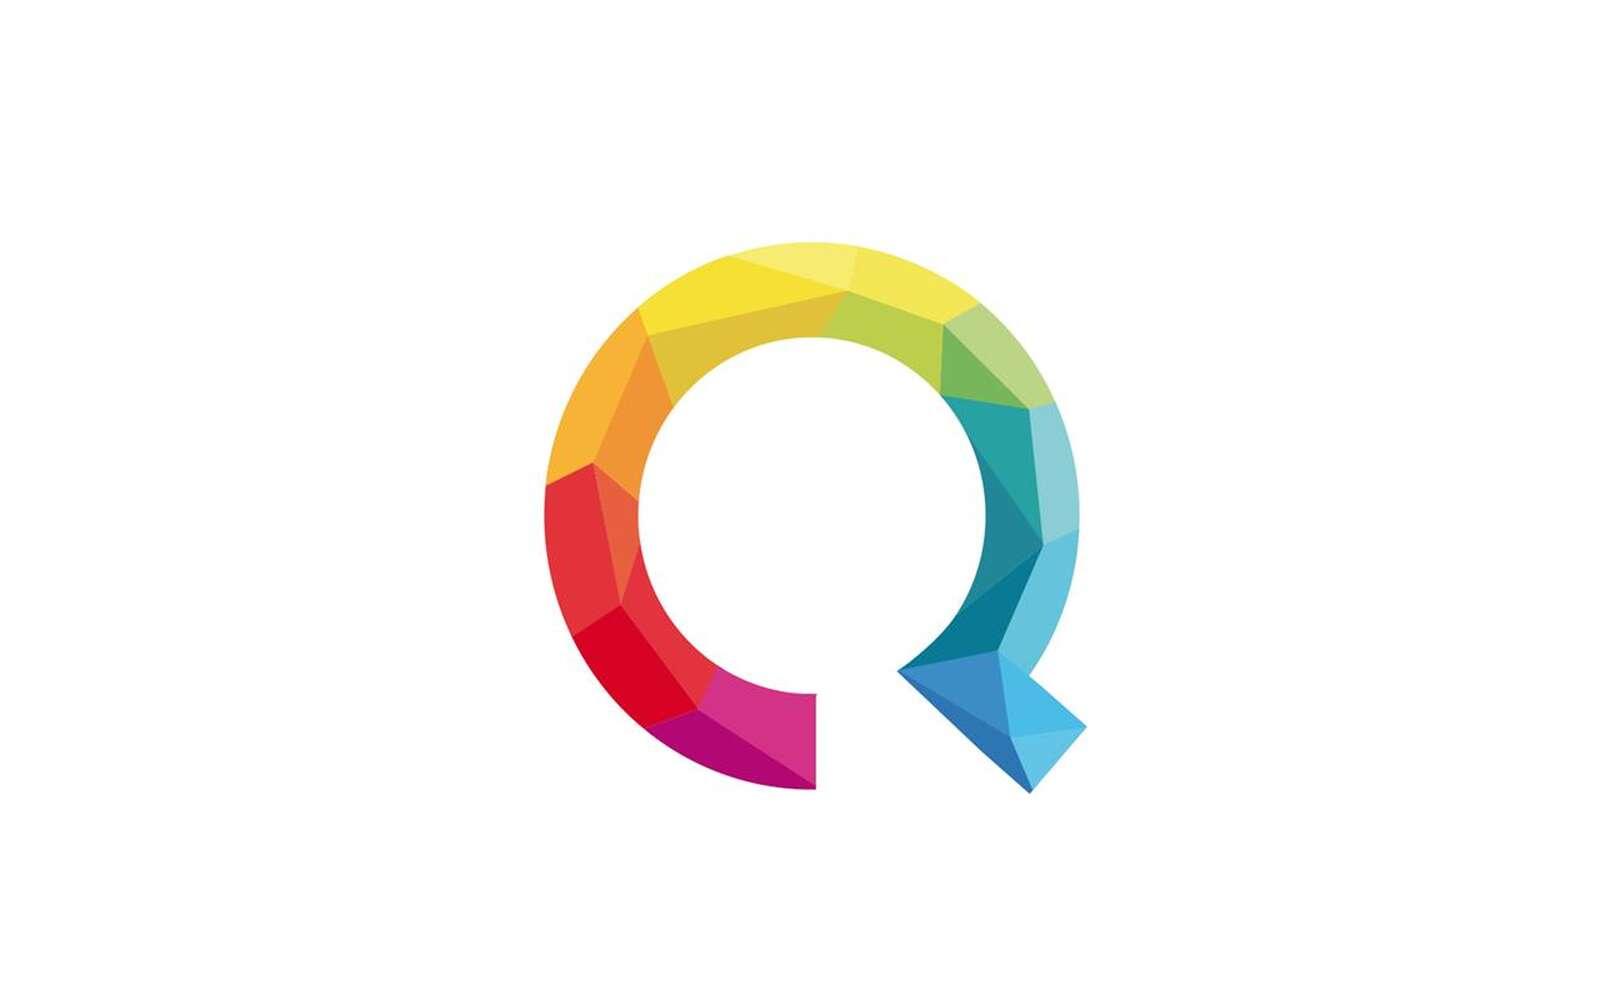 Apparu en 2013, le moteur de recherche Qwant mise sur le respect de la vie privée. © Qwant